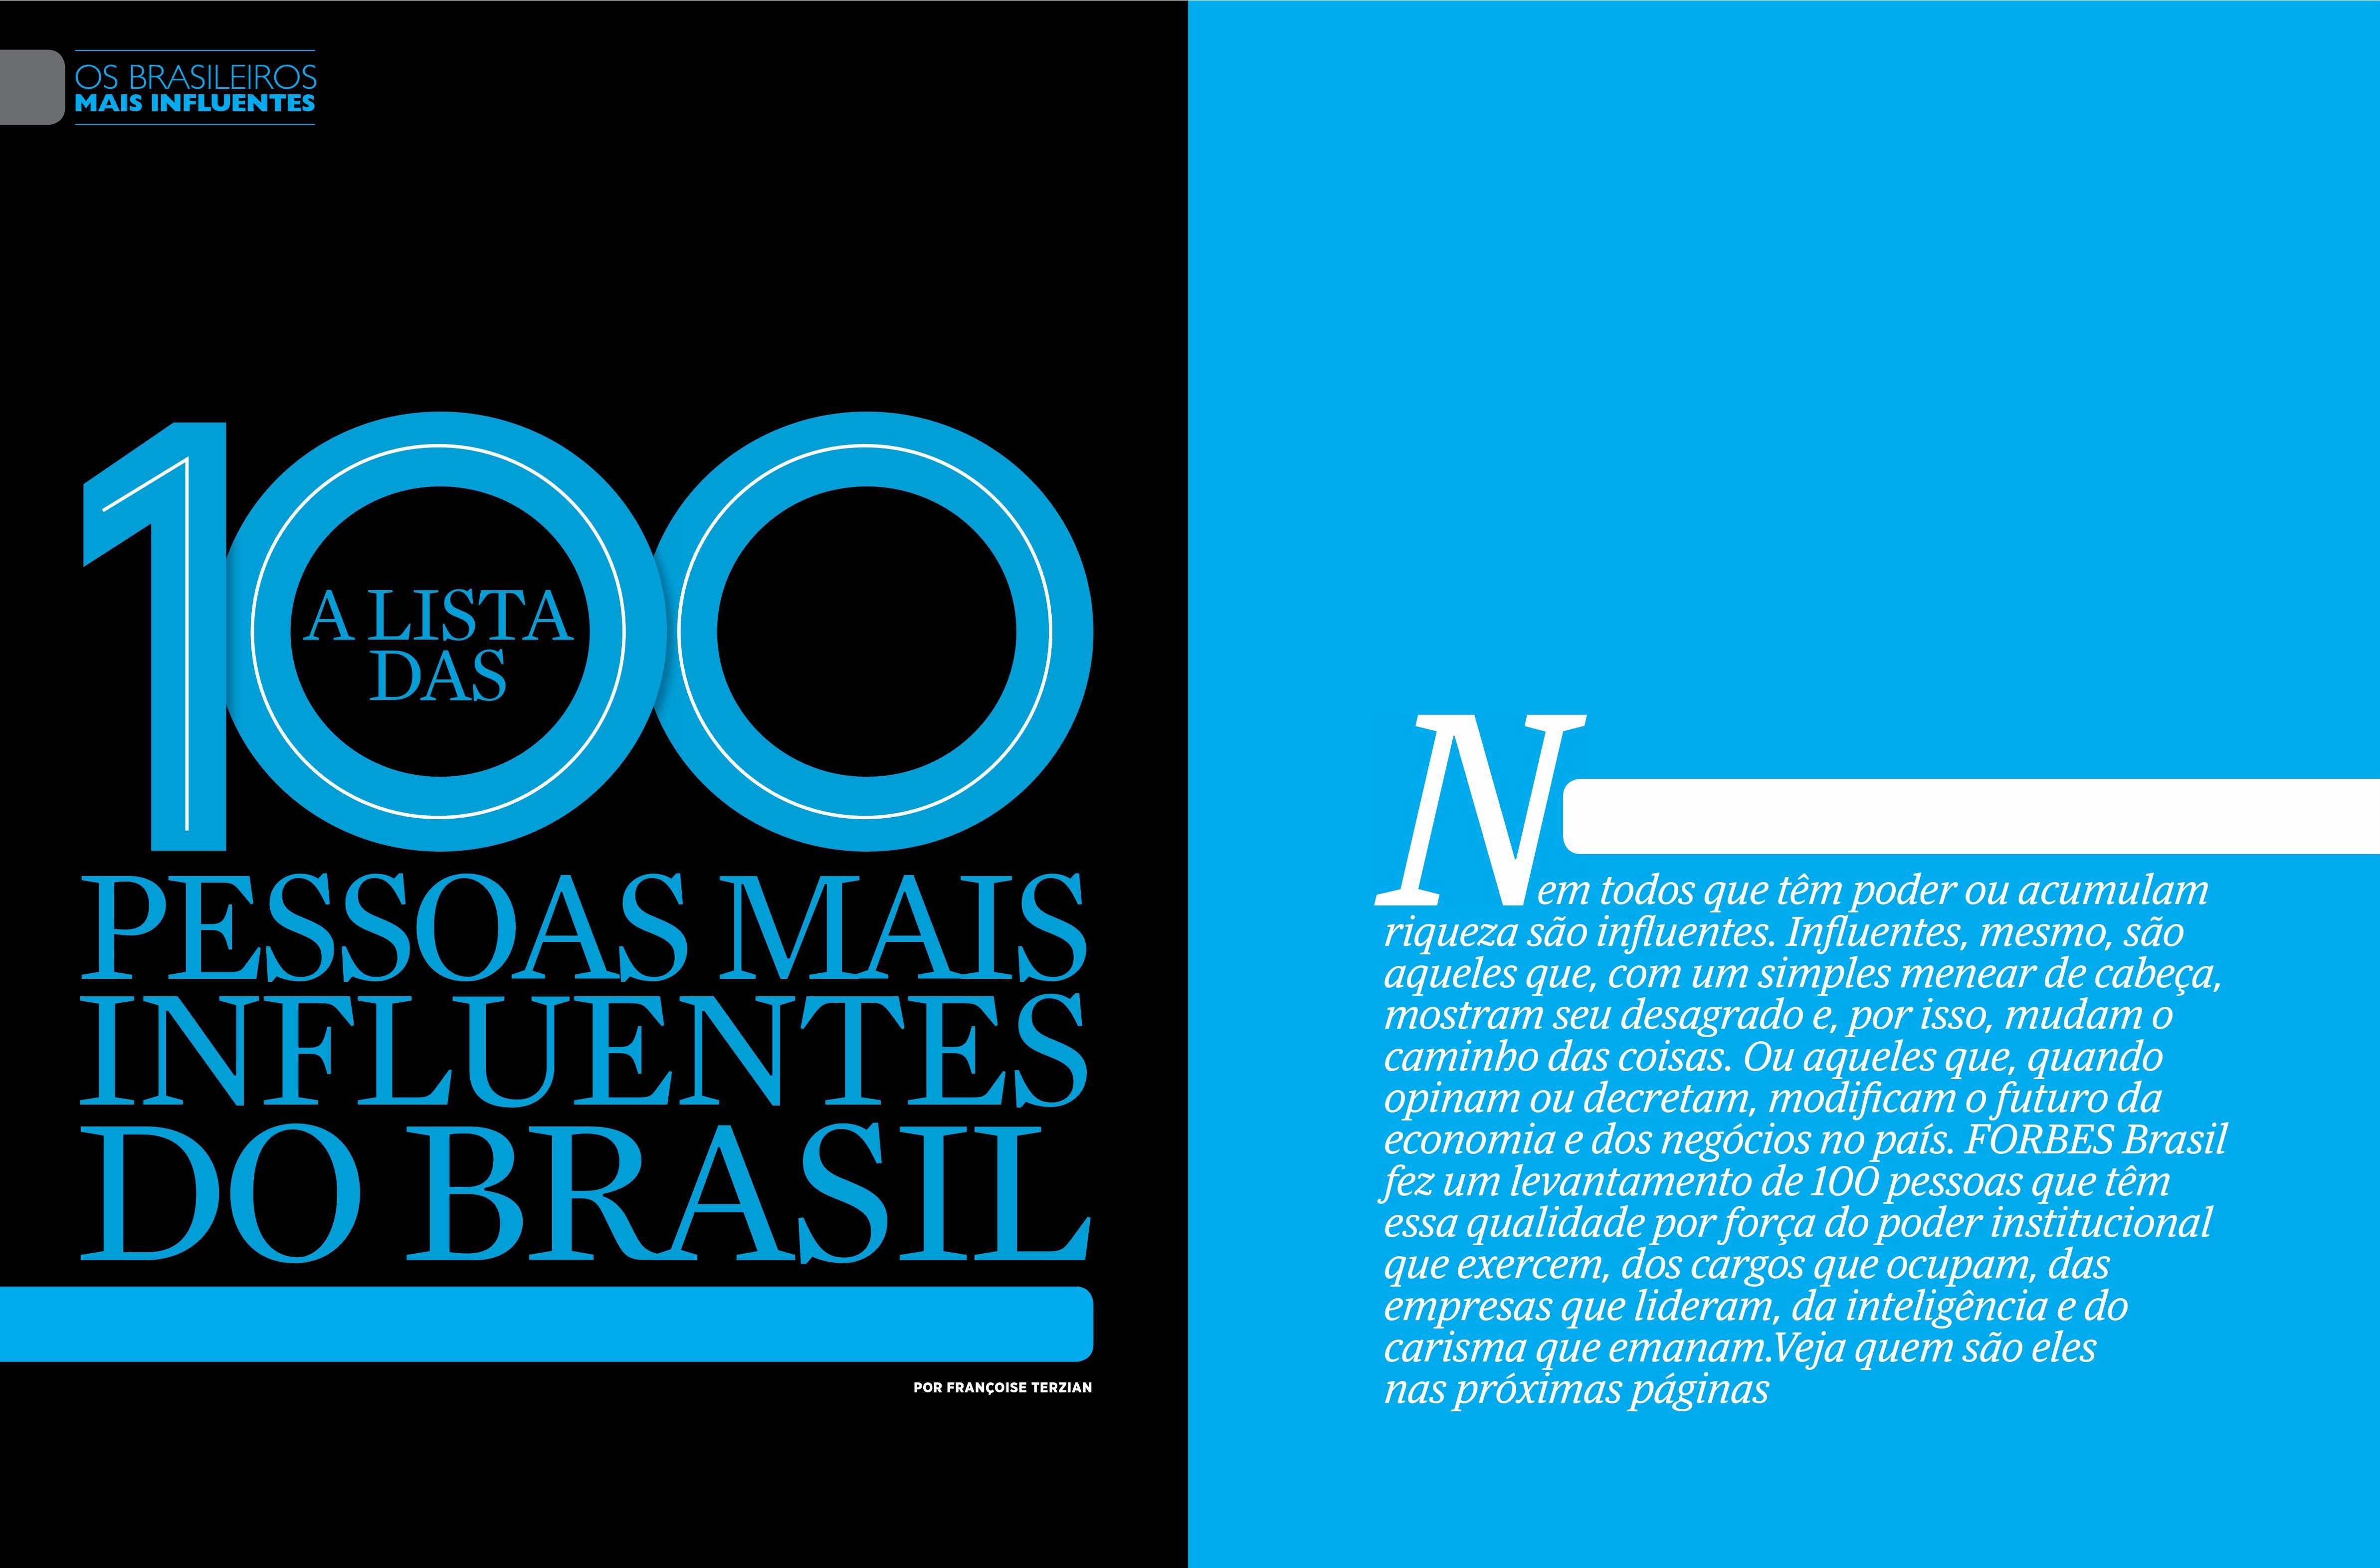 Forbes 100 mais influentes - Pag Abertura